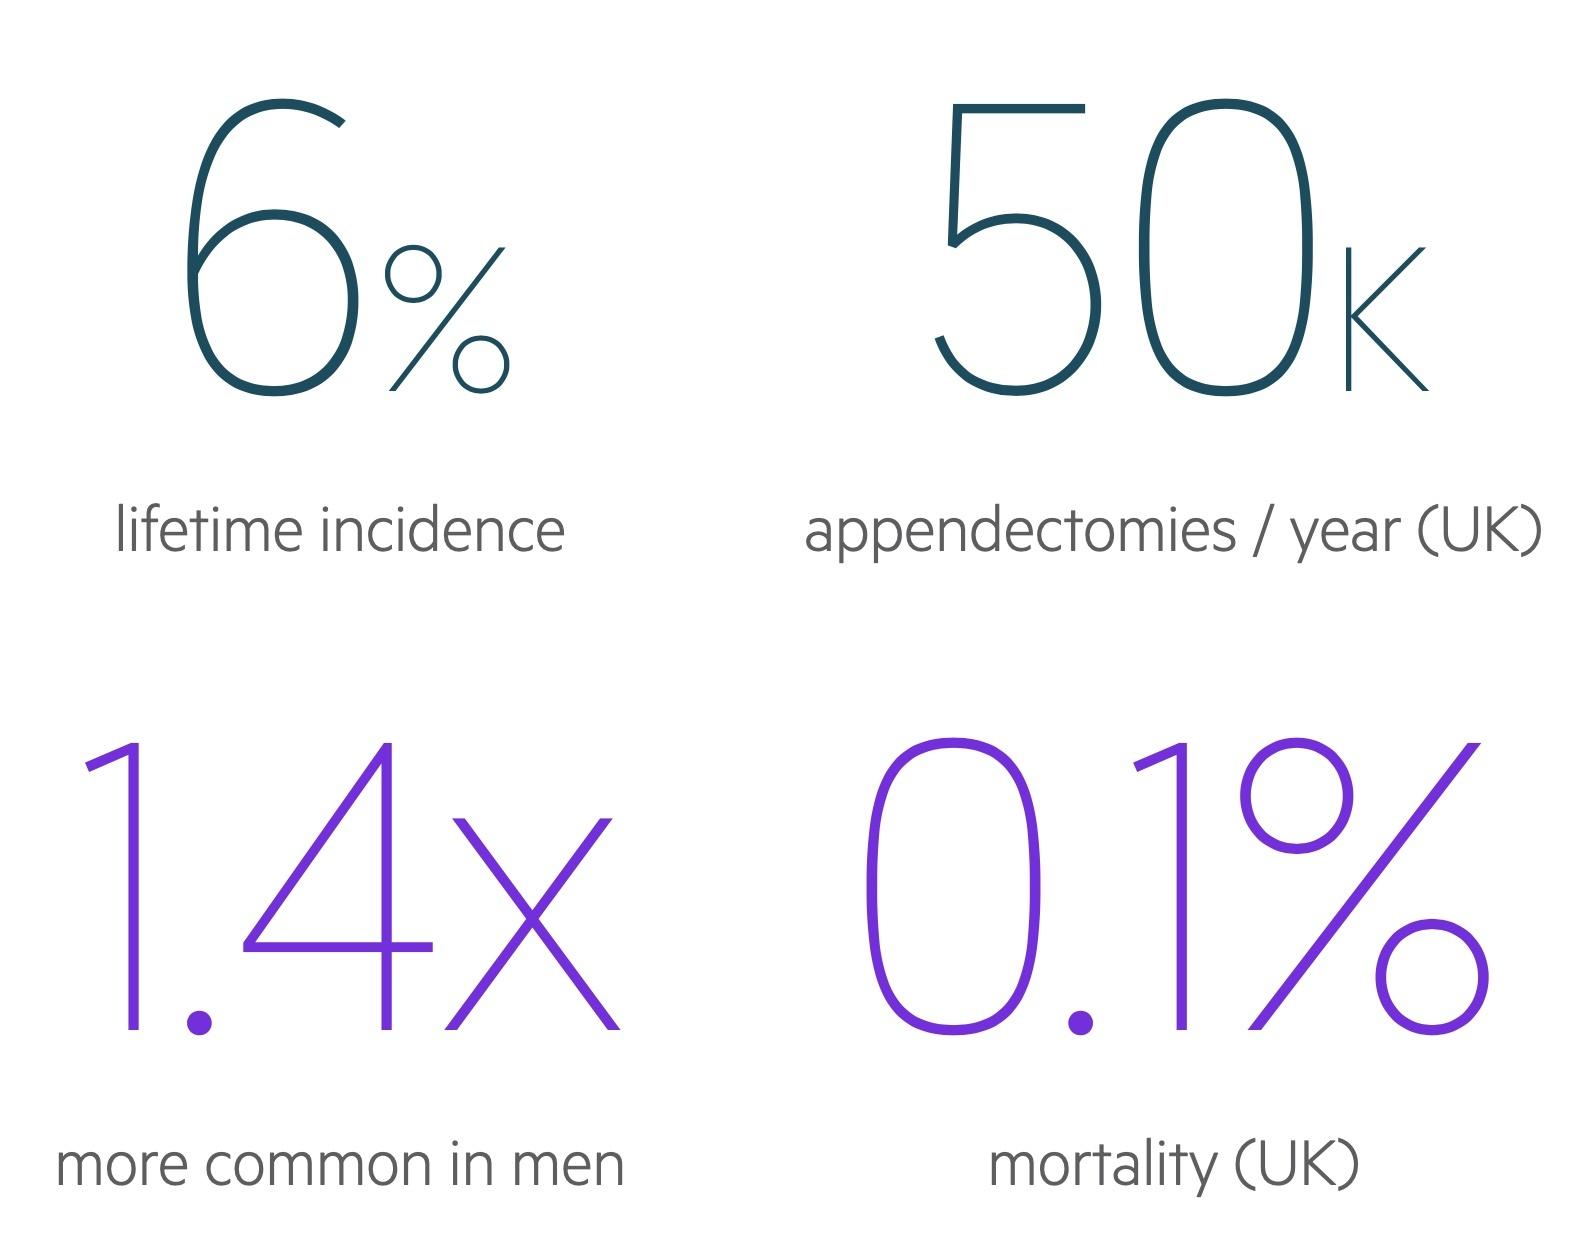 Appendicitis statistics